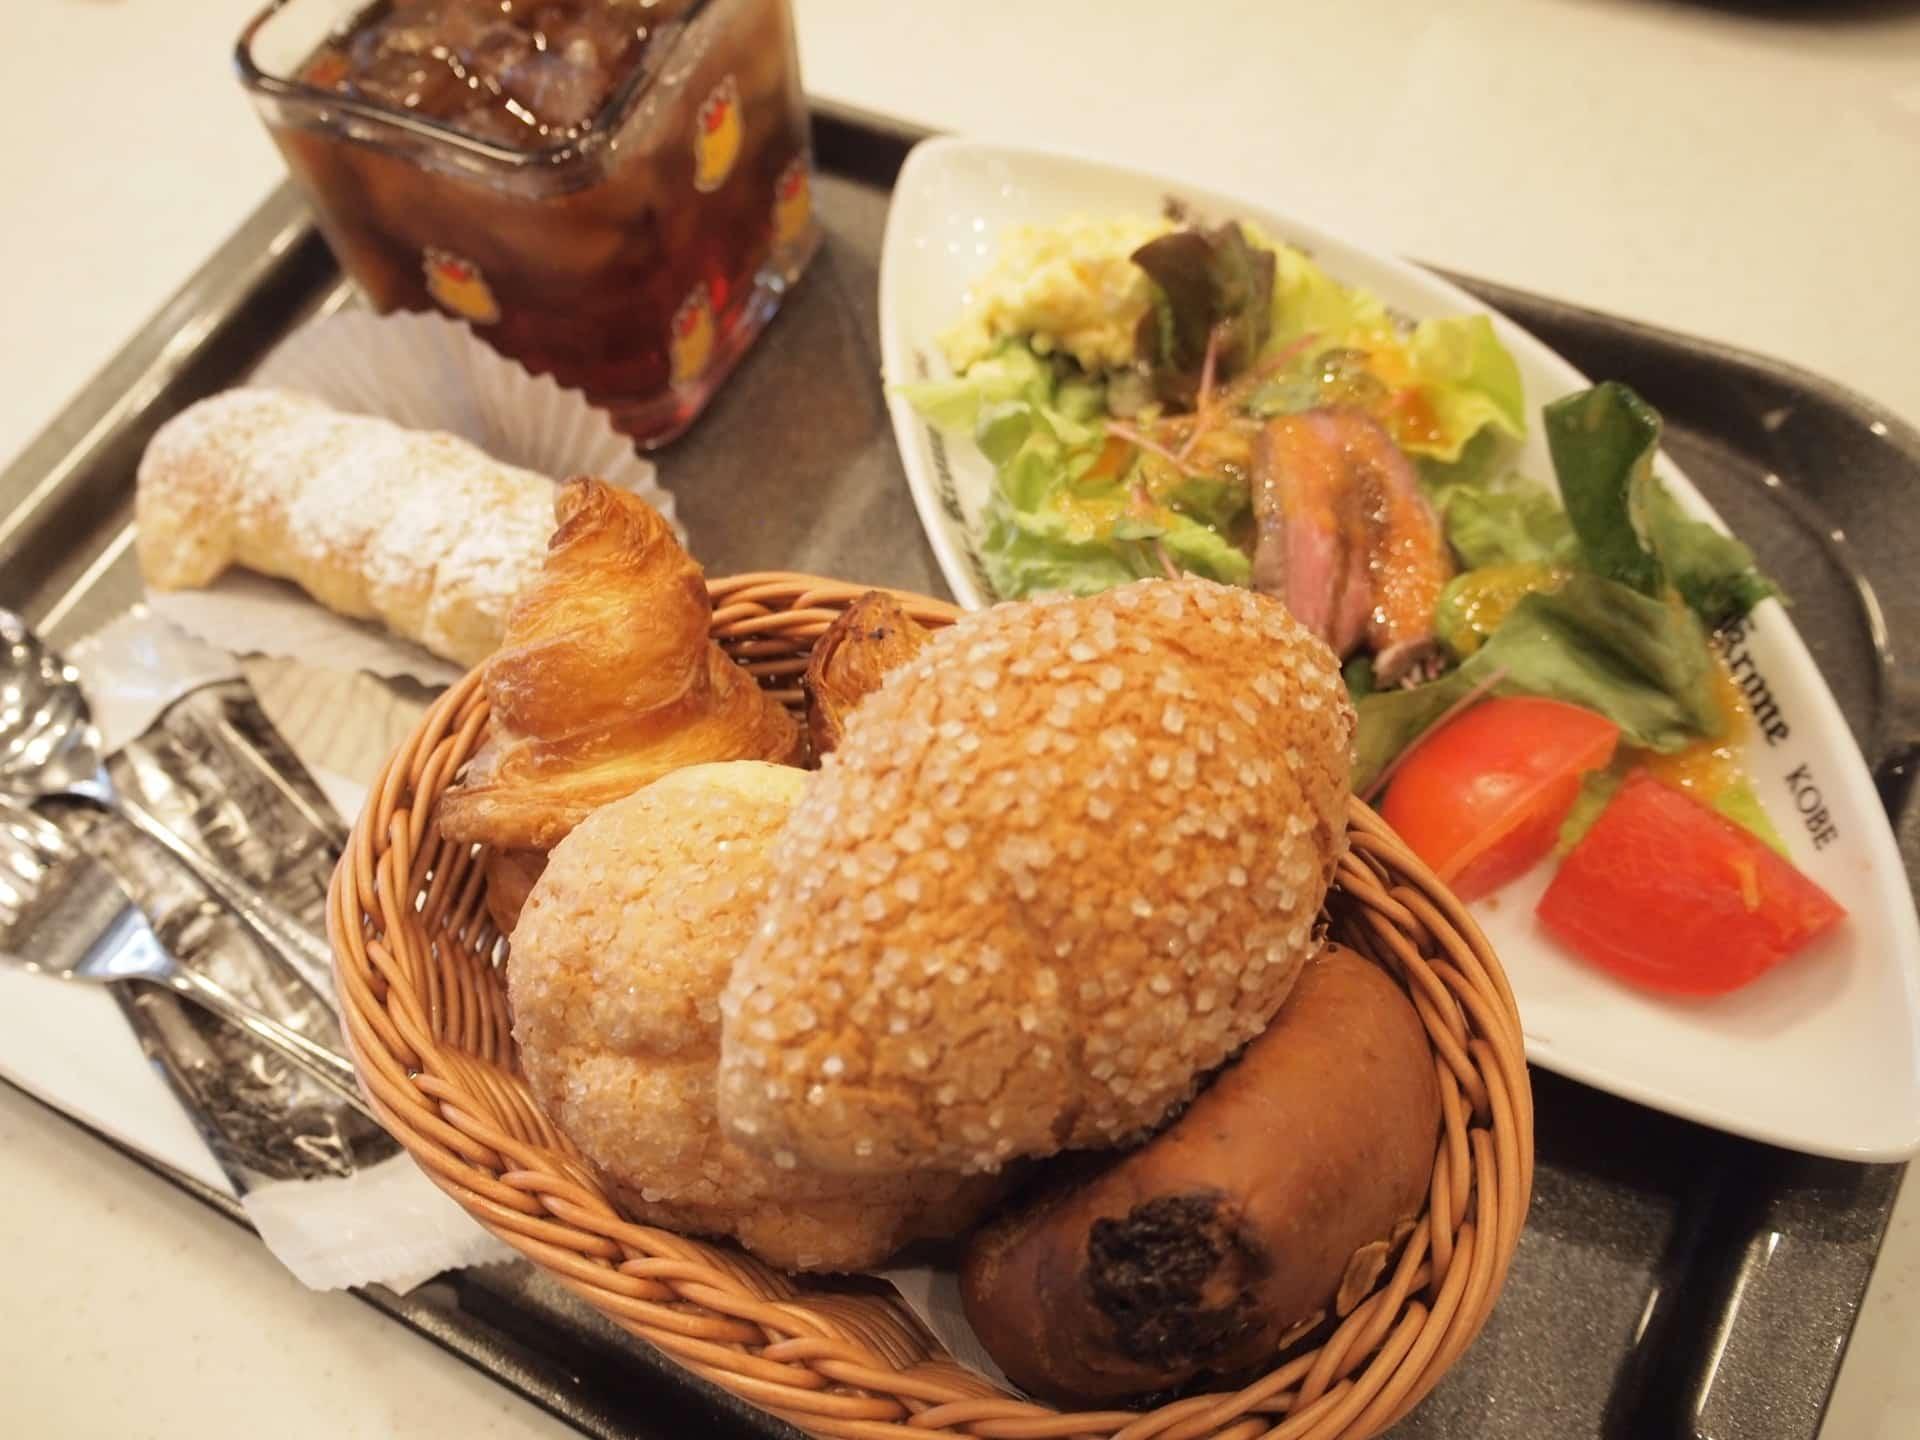 ケーニヒスクローネ くまポチ邸 − ランチはパン食べ放題付き!先着でクローネも